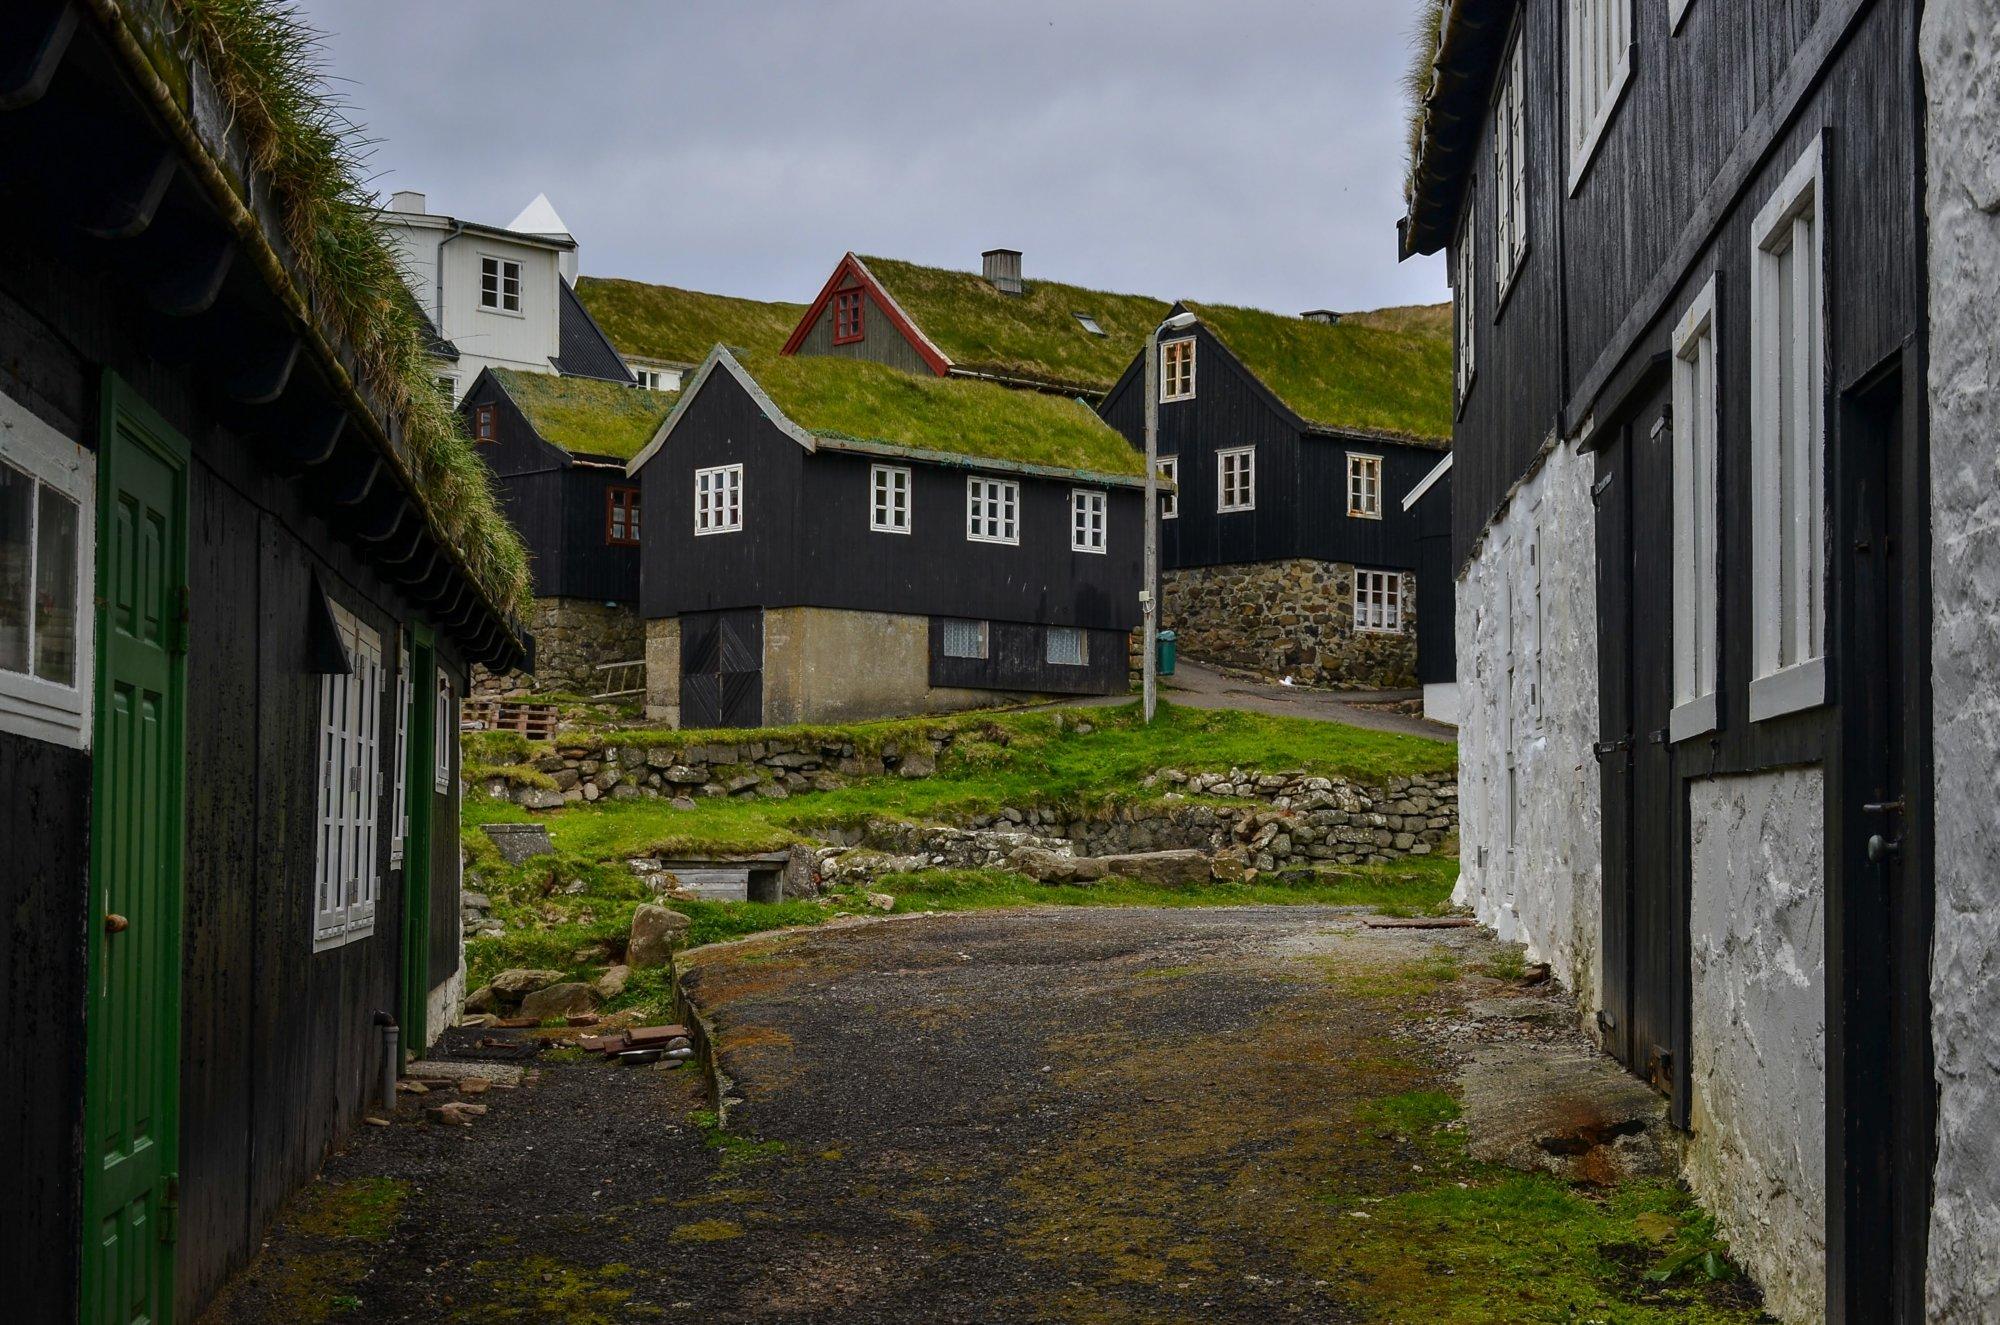 Ulica na Mykines na Wyspach Owczych